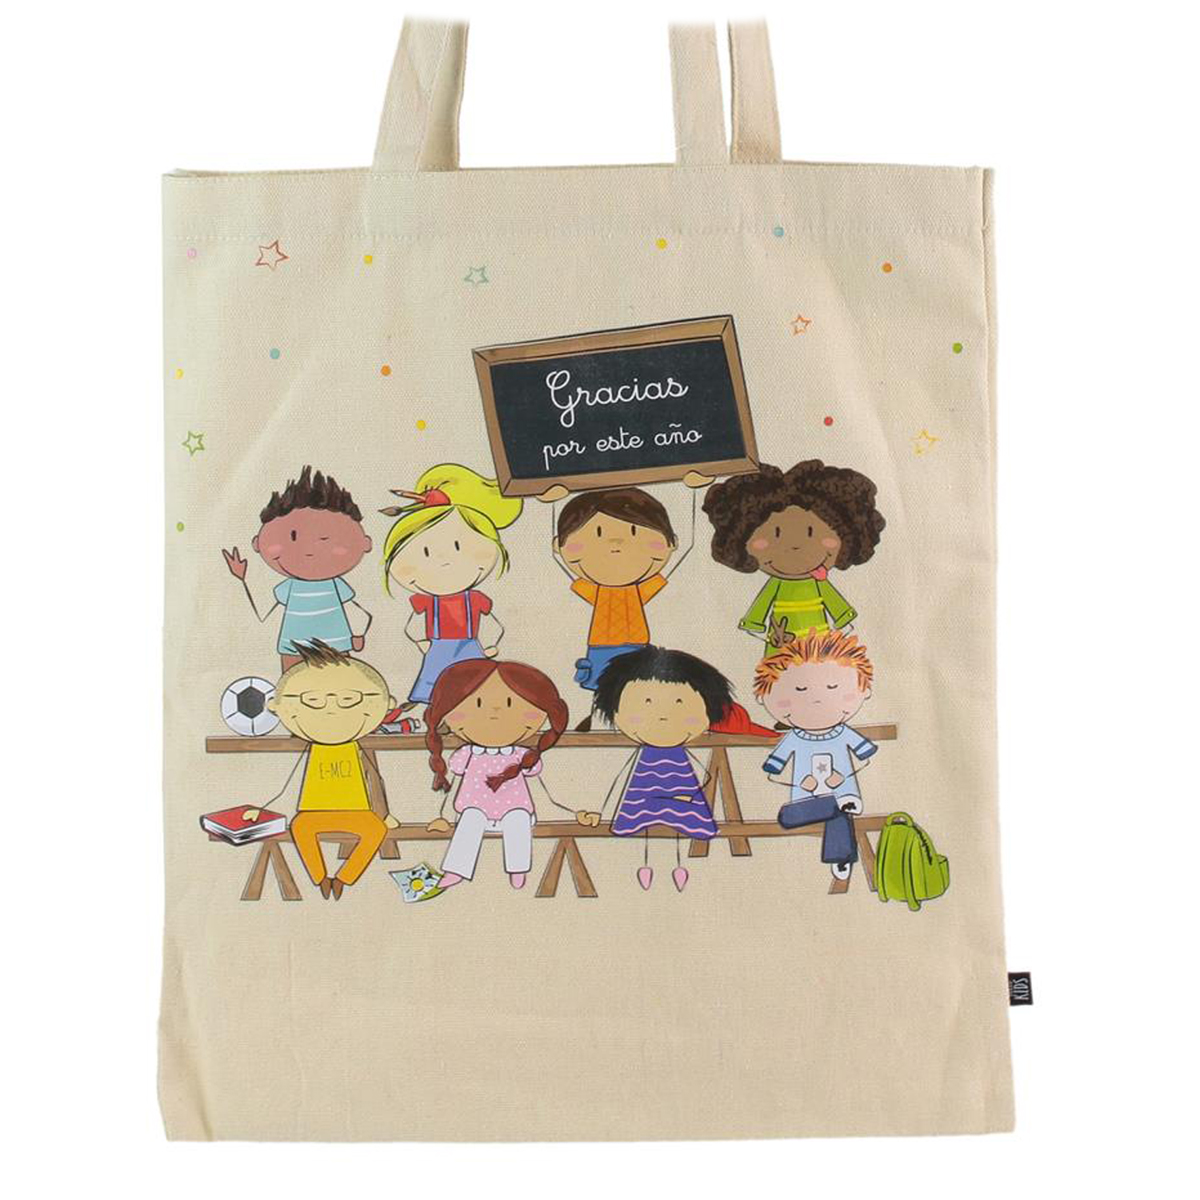 Sac coton / Tote bag \'Gracias por este ano\' beige -  415x35 cm - [Q0690]